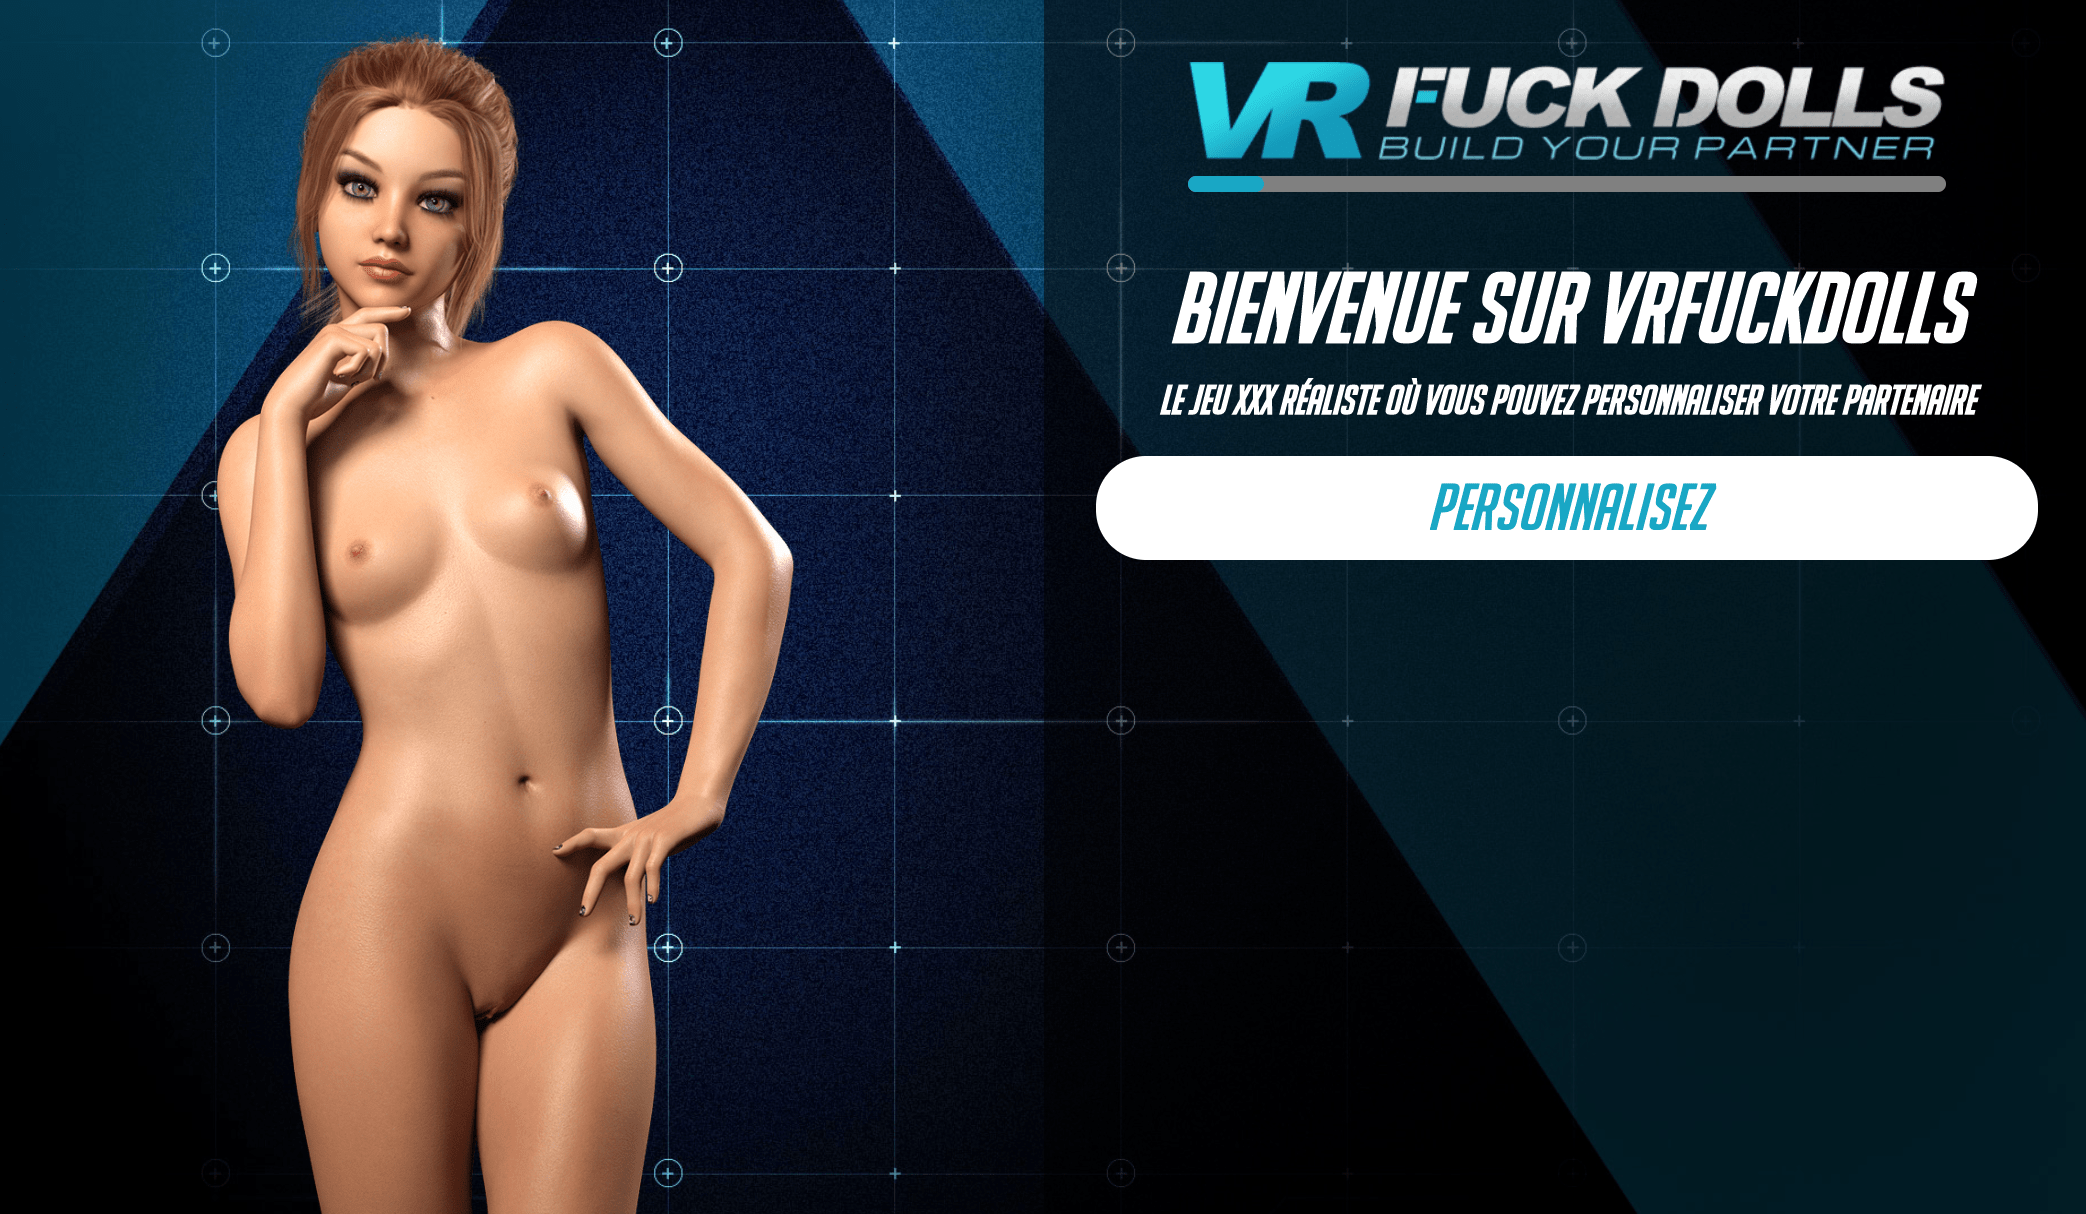 VR Fuckdolls